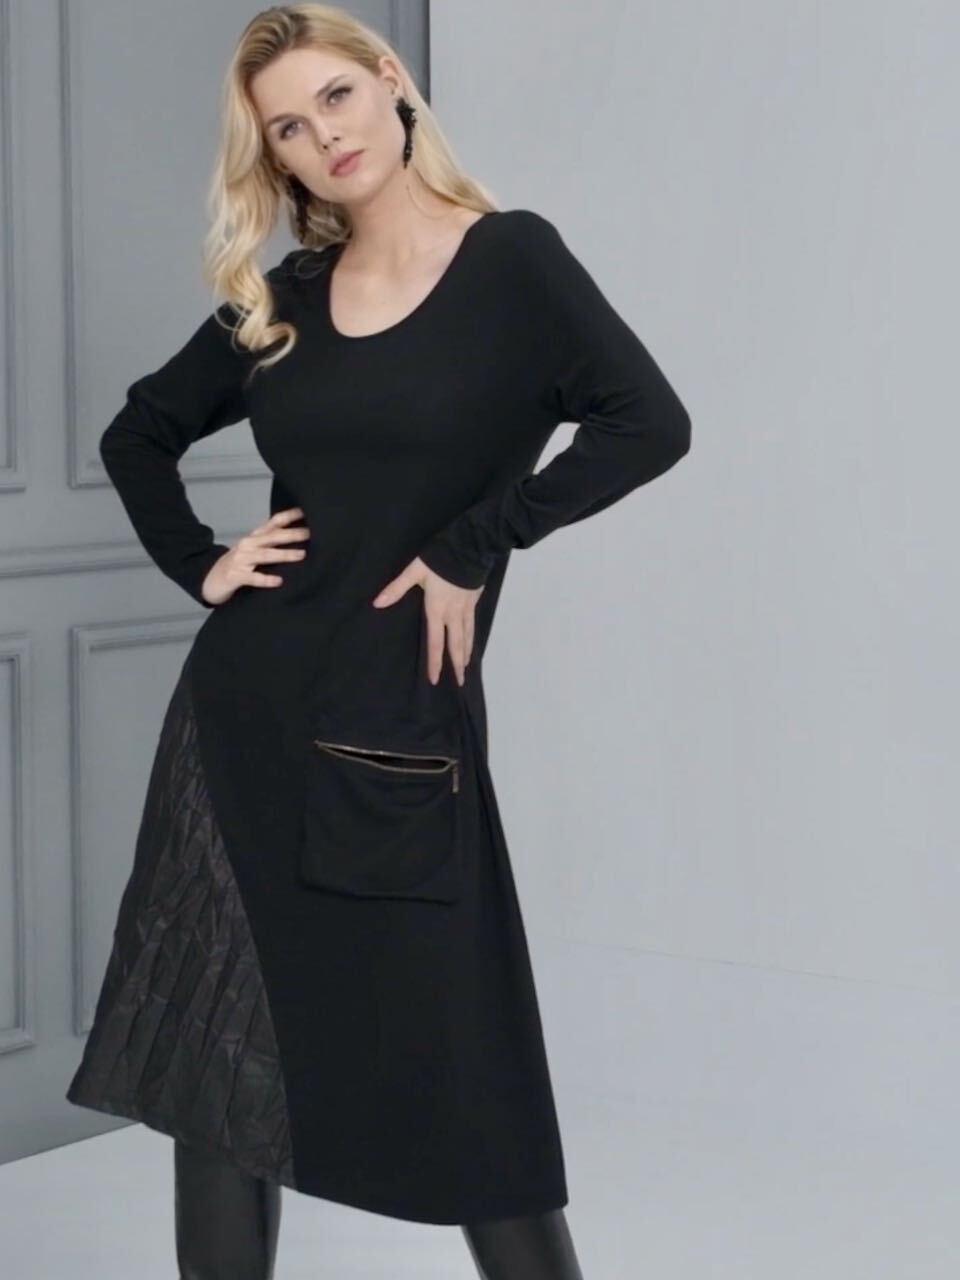 EverSassy By Dolcezza: Asymmetrical Pocket Multi-Media Black Dress EverSassy_11259